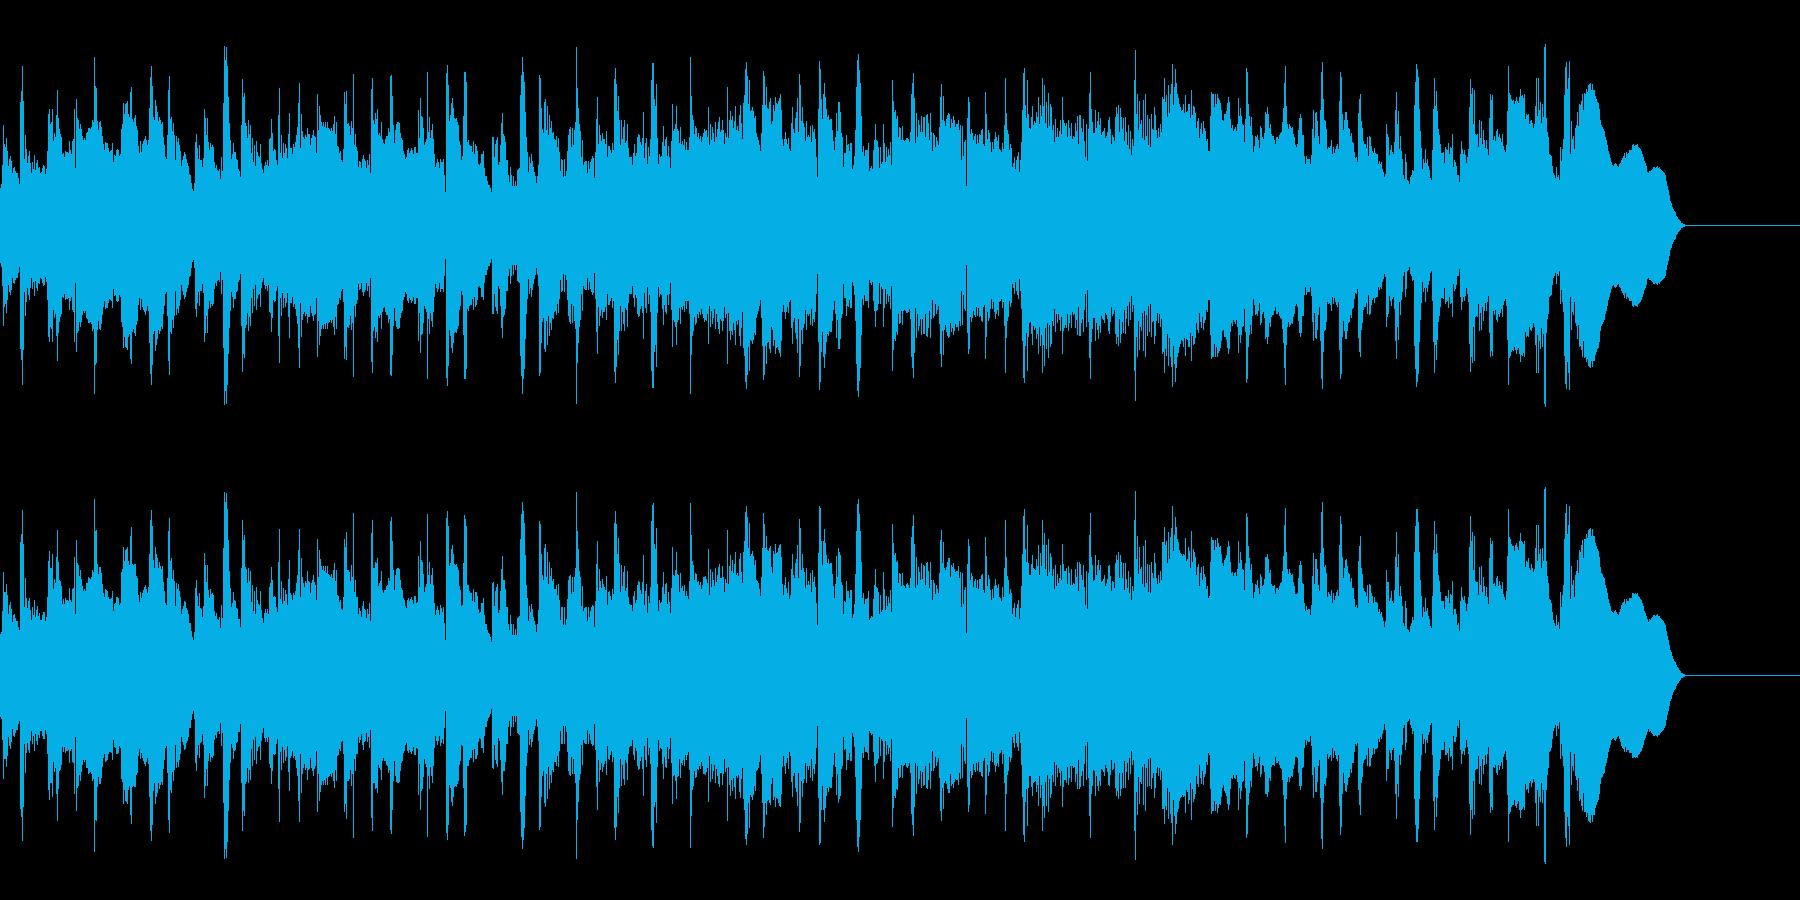 アコースティック楽器。さわやかなア...の再生済みの波形